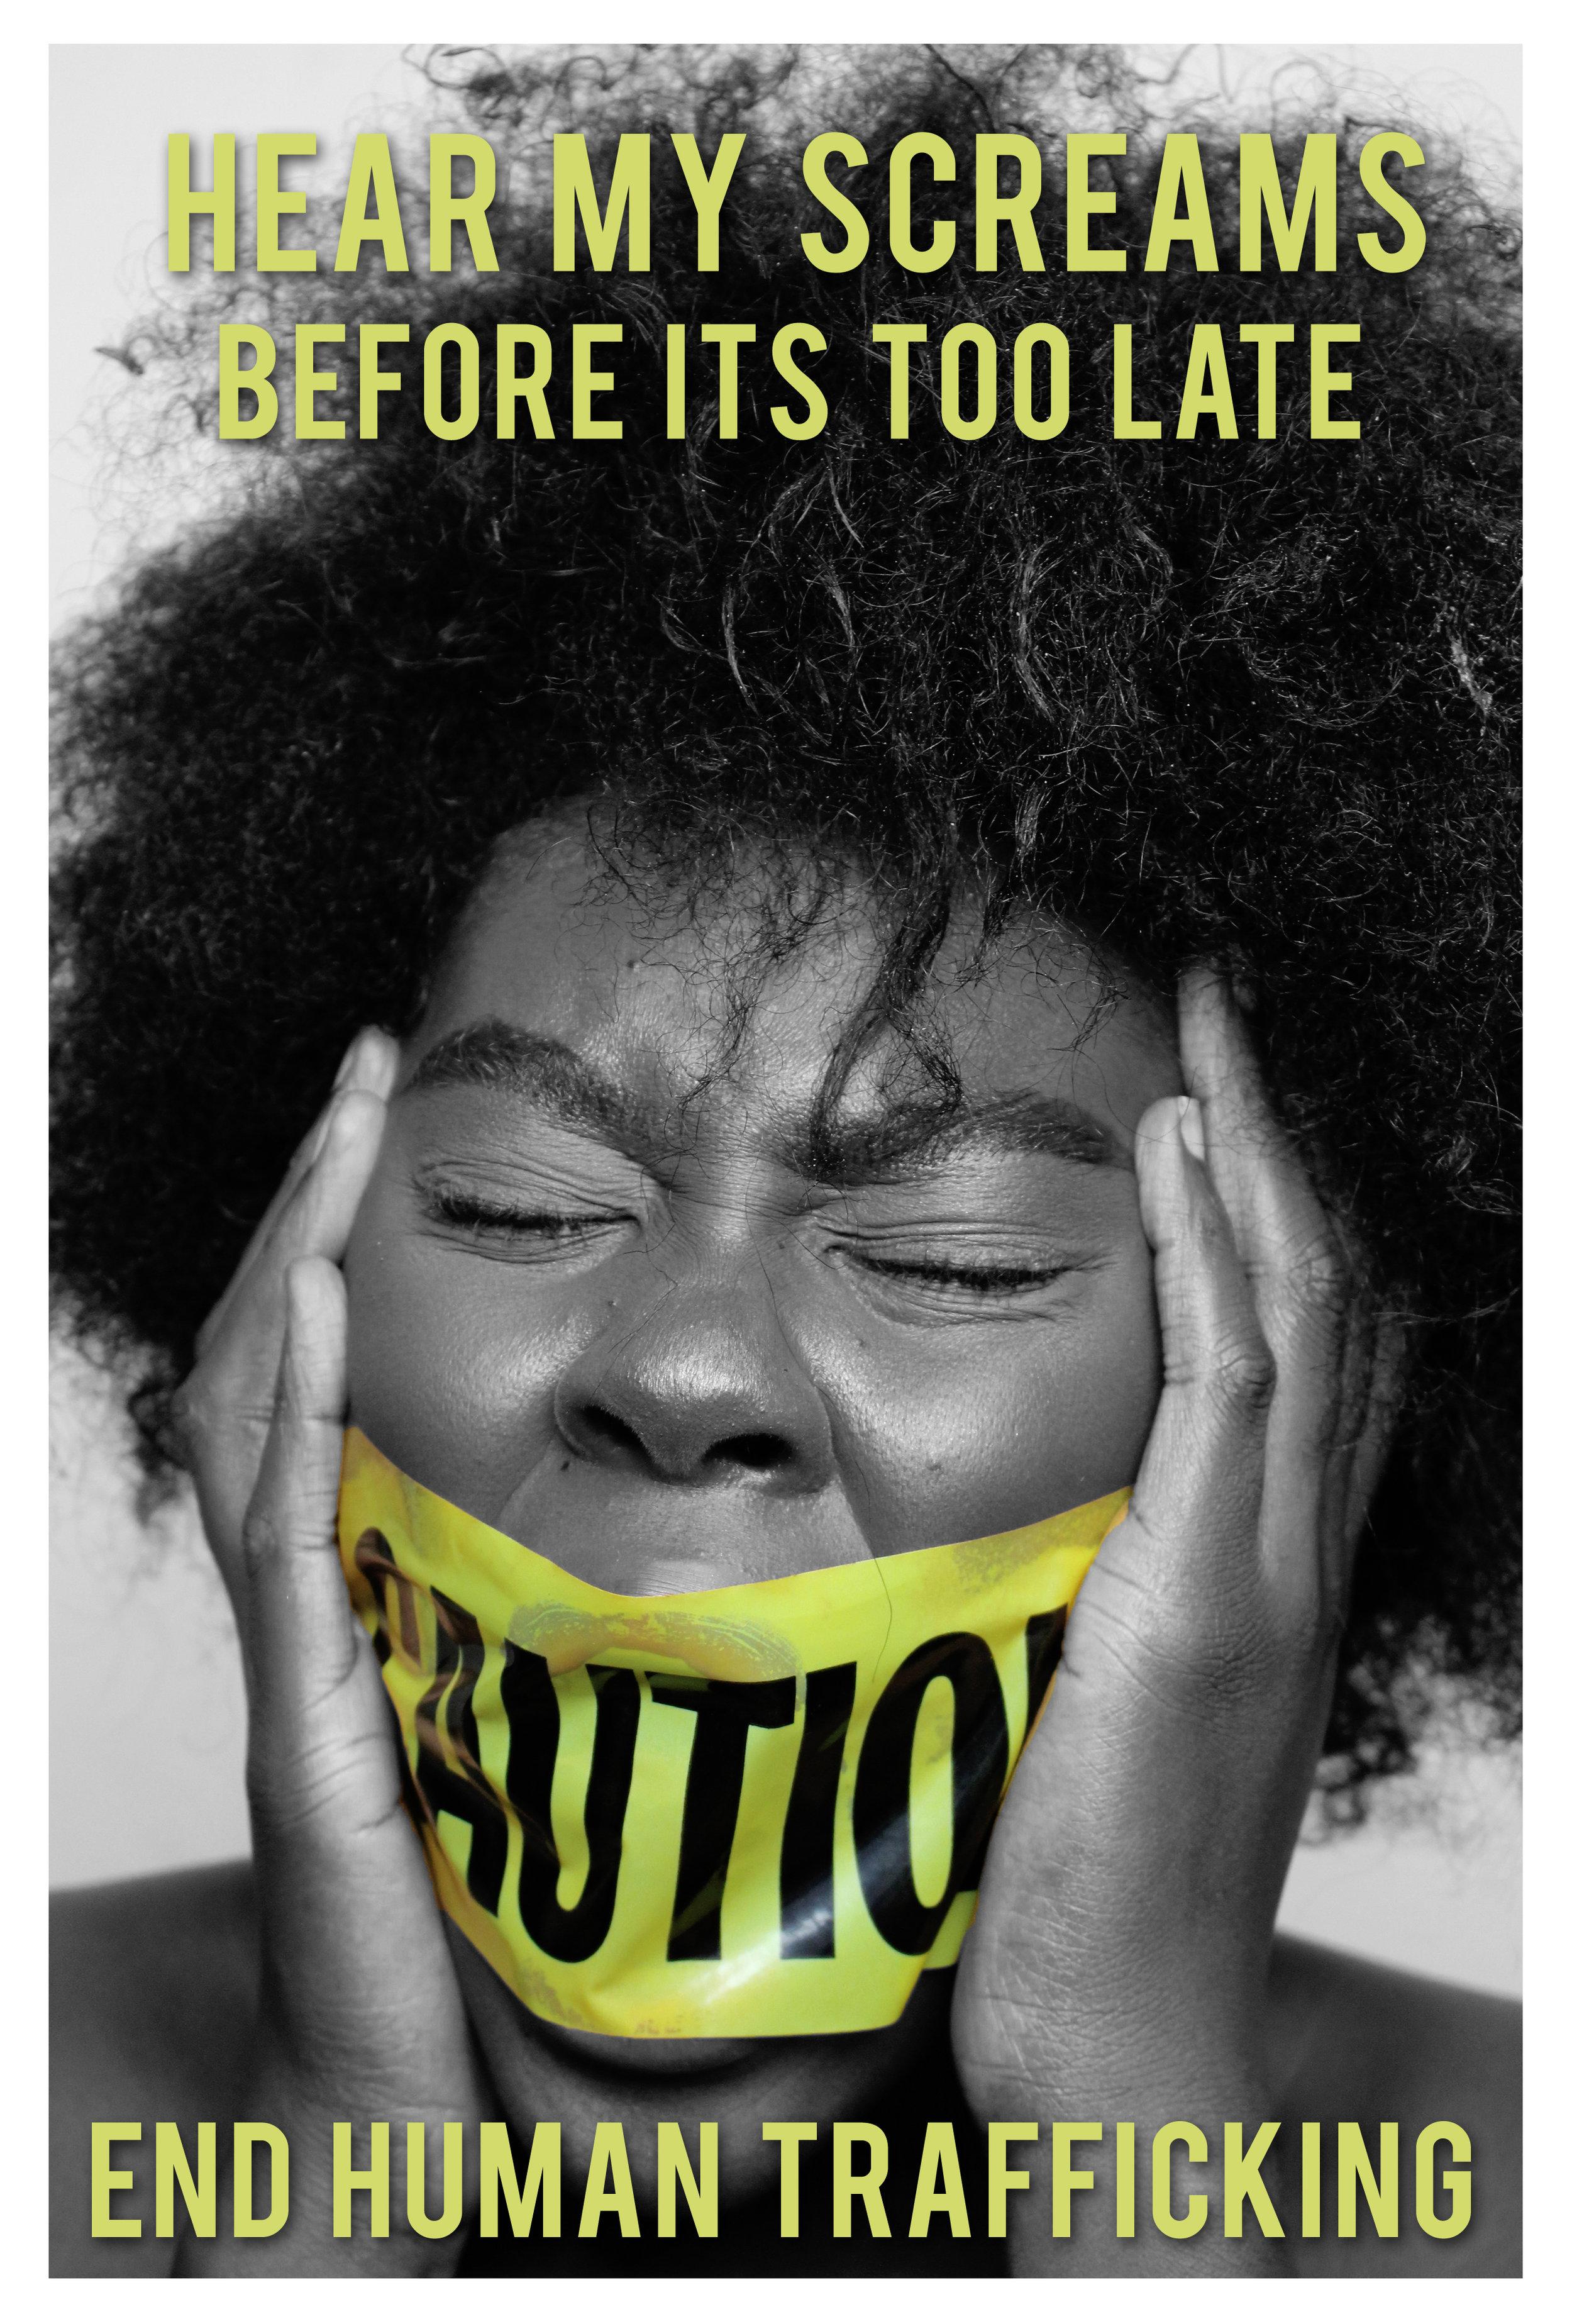 Human Trafficking Poster copy.jpg